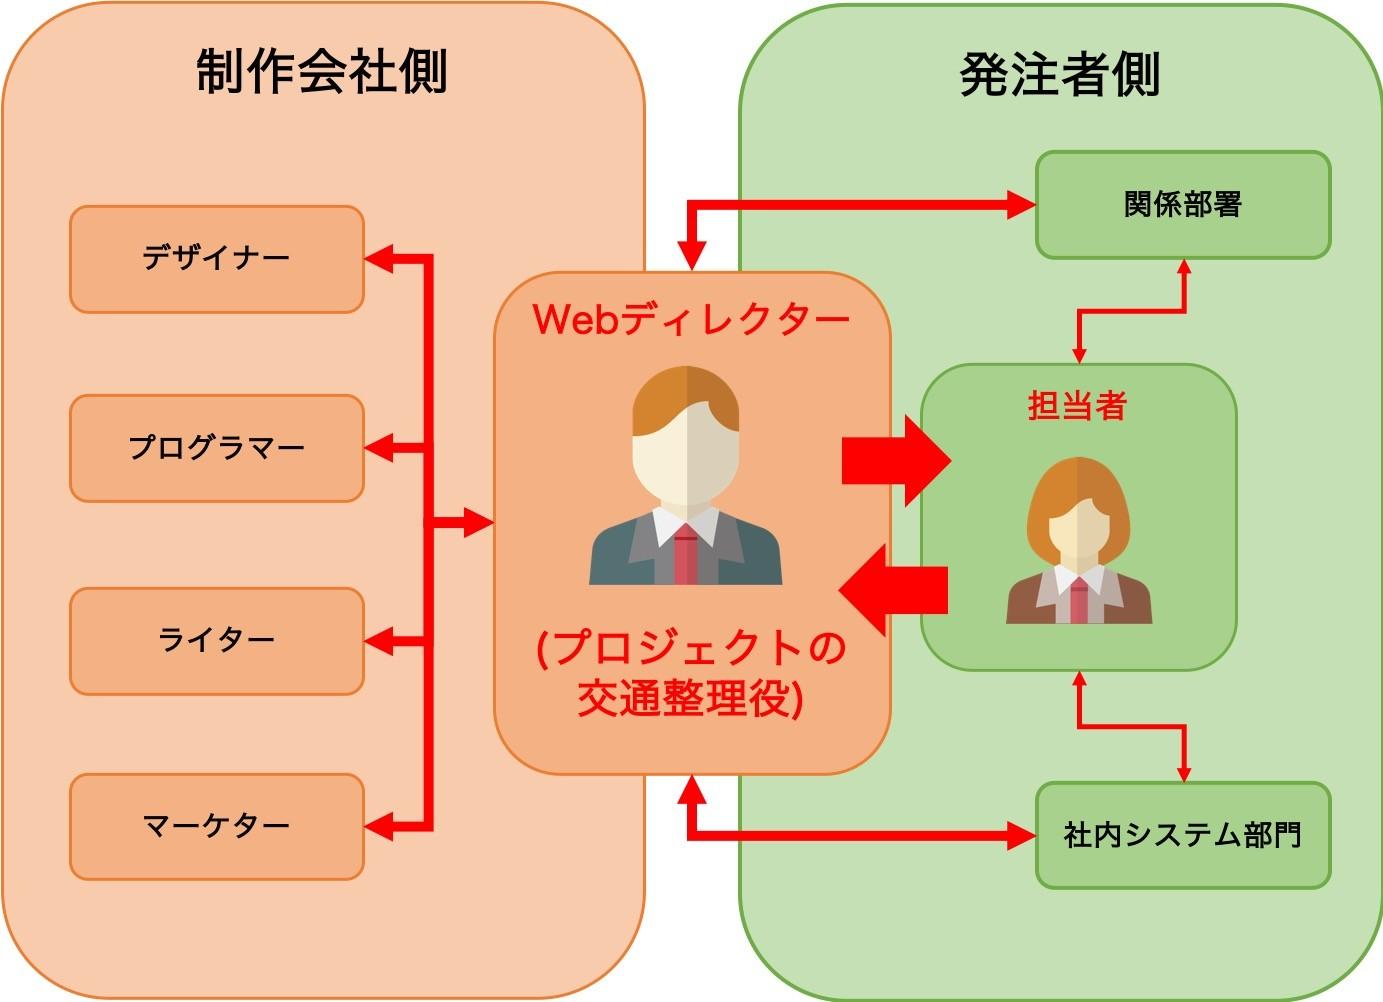 プロジェクトにおけるWebディレクターの役割